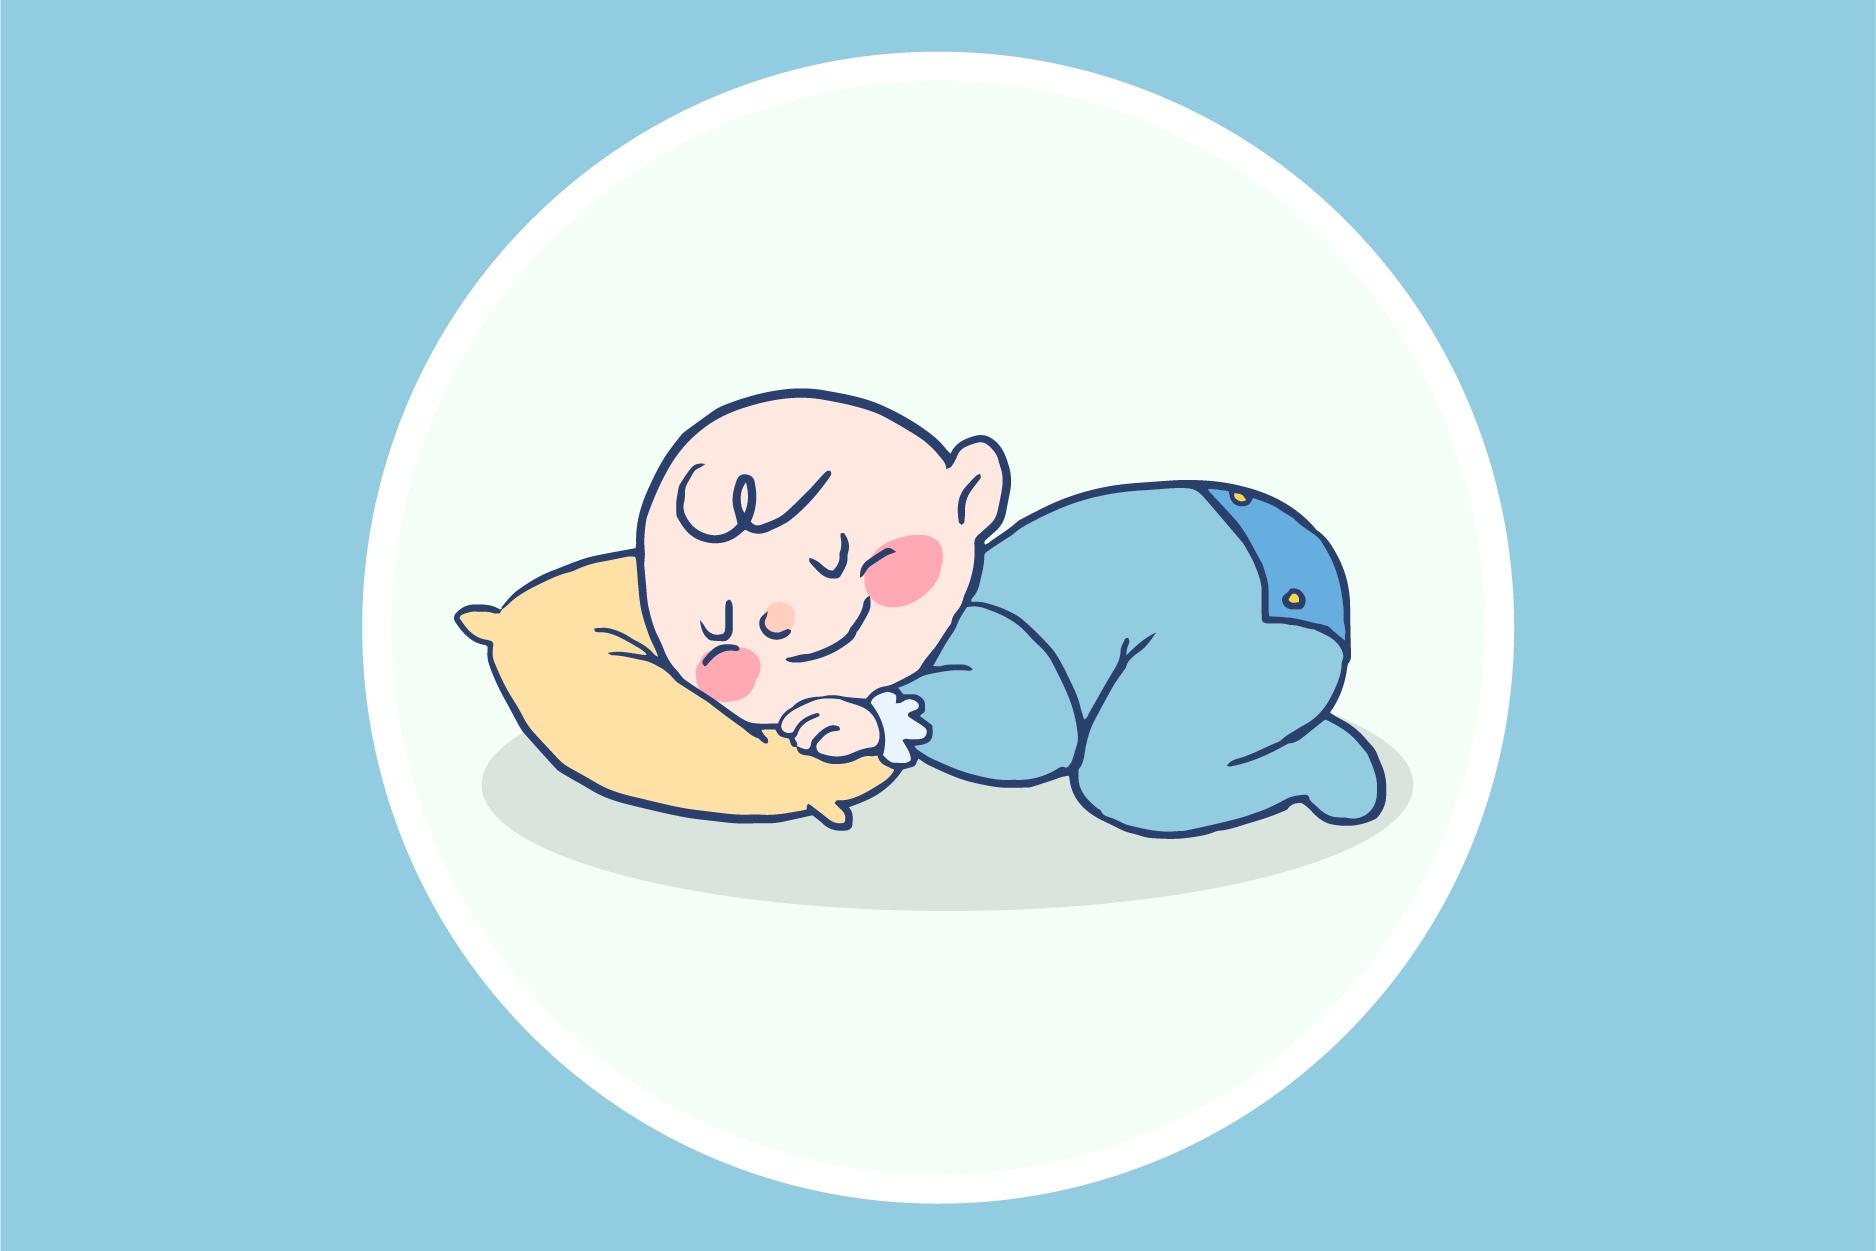 鼓肚子、打激灵、夜哭、湿疹……孩子的小毛病 有些可居家处理